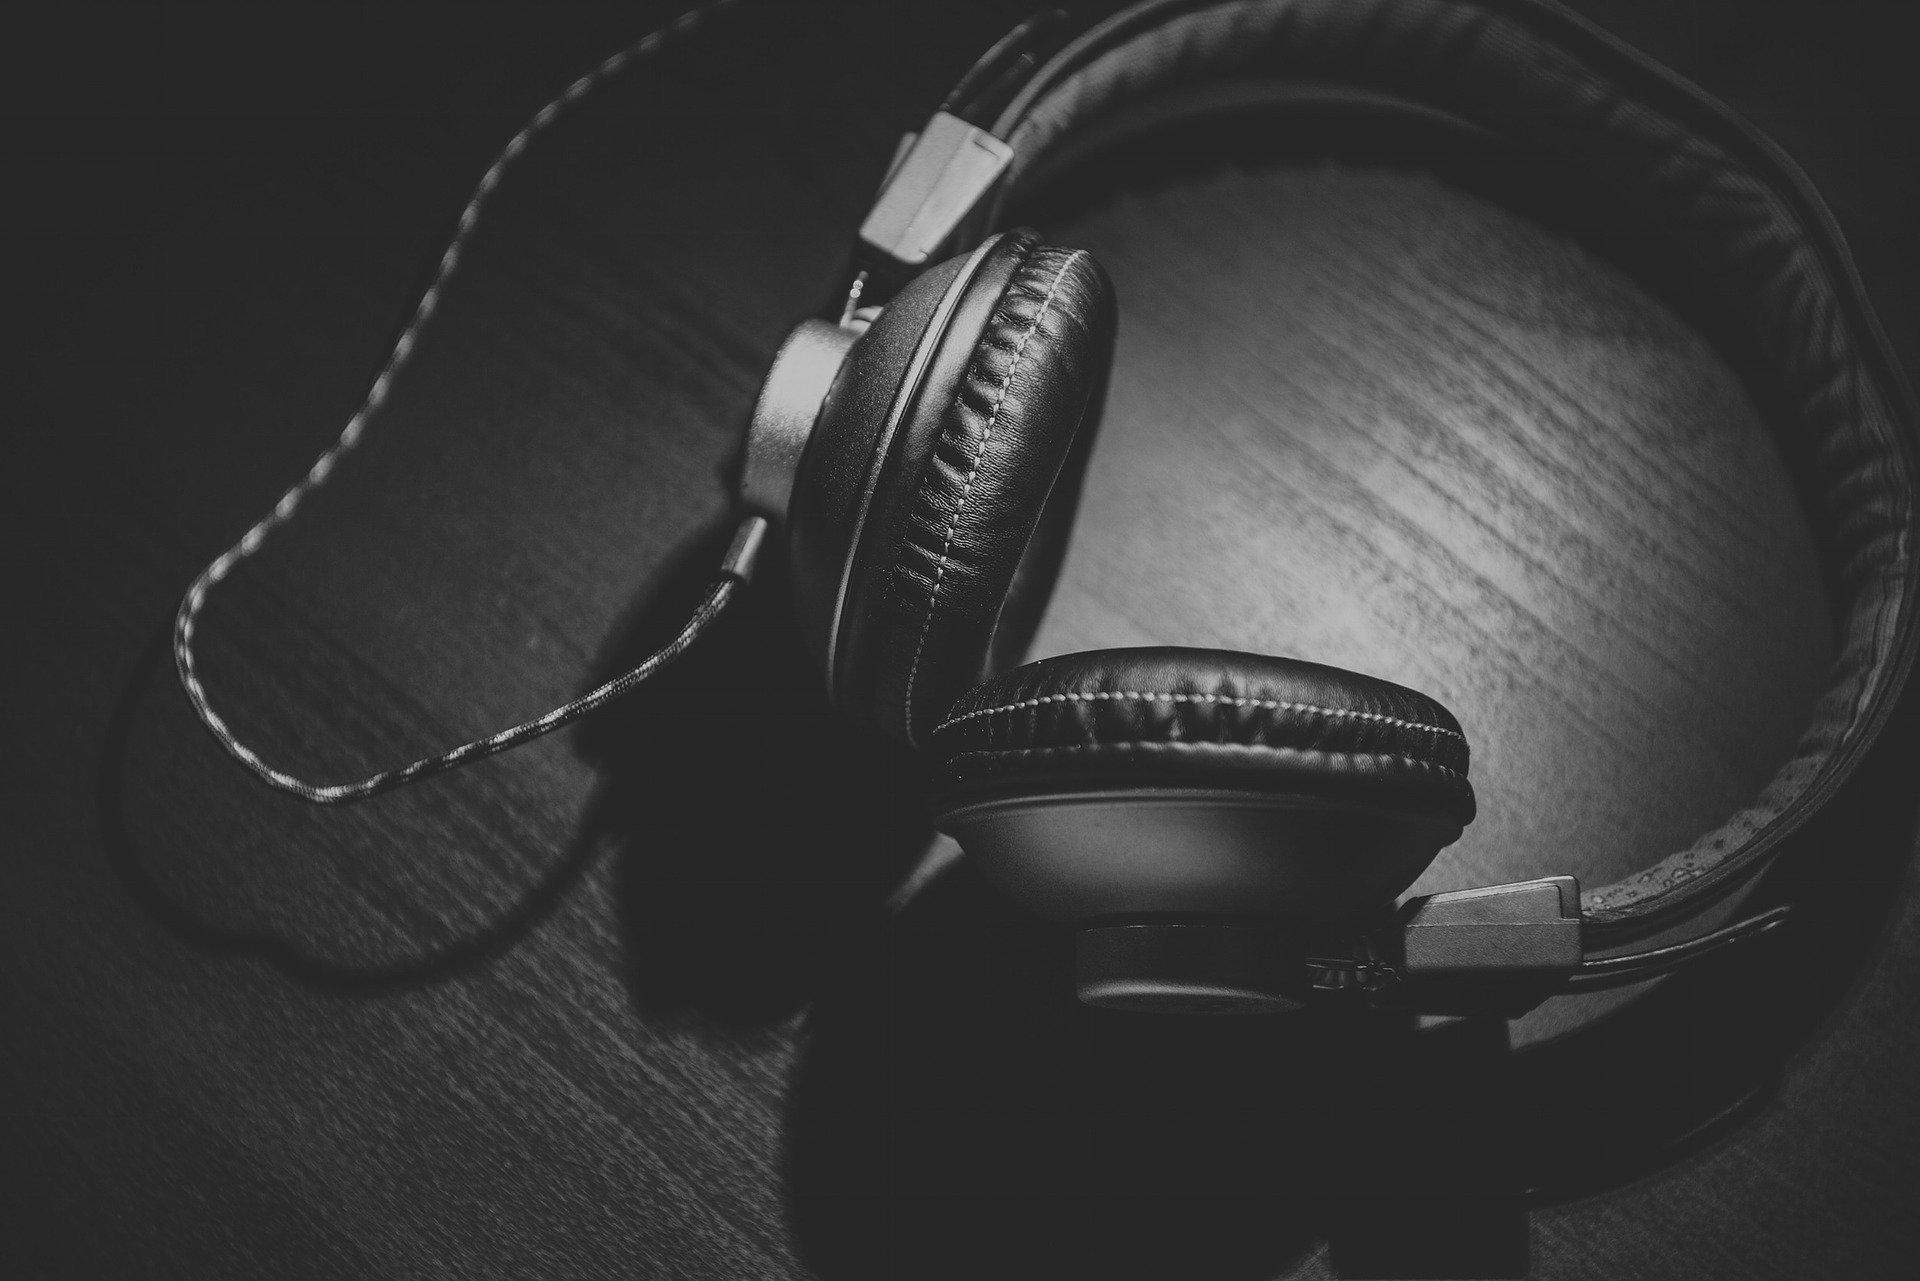 Les_5_meilleurs_moyens_d_obtenir_de_la_musique_libre_de_droits